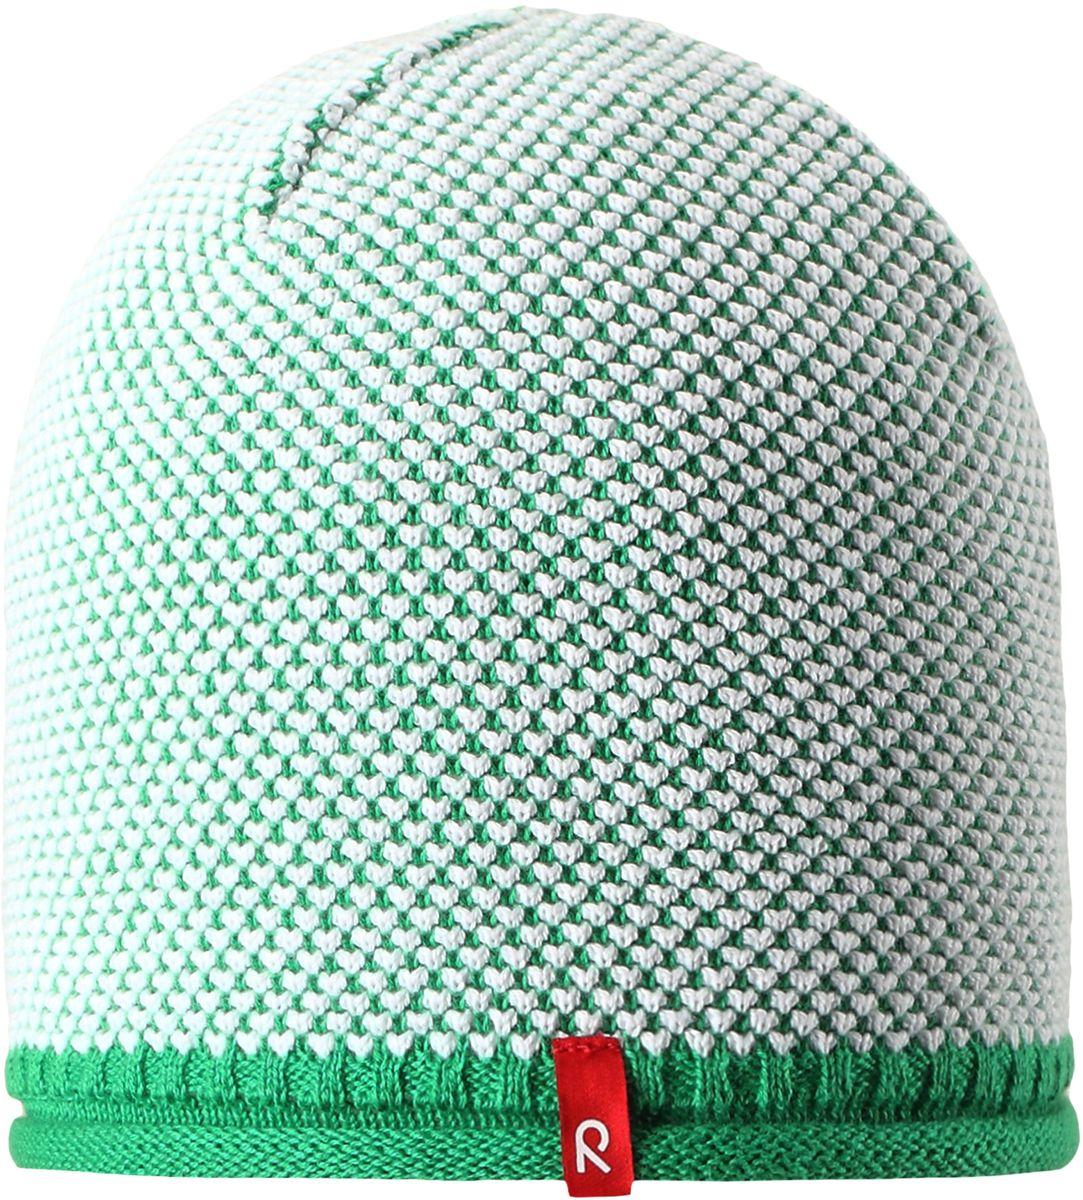 Шапка детская Reima Seilori, цвет: зеленый. 5285298800. Размер 525285298800Яркая детская шапка станет превосходным выбором в межсезонье, в ней можно и поиграть во дворе, и прогуляться по городу. Изготовлена из мягкого и комфортного вязаного хлопка. Эта симпатичная облегченная модель без подкладки идеально подходит для солнечной погоды. Модный вязаный узор.